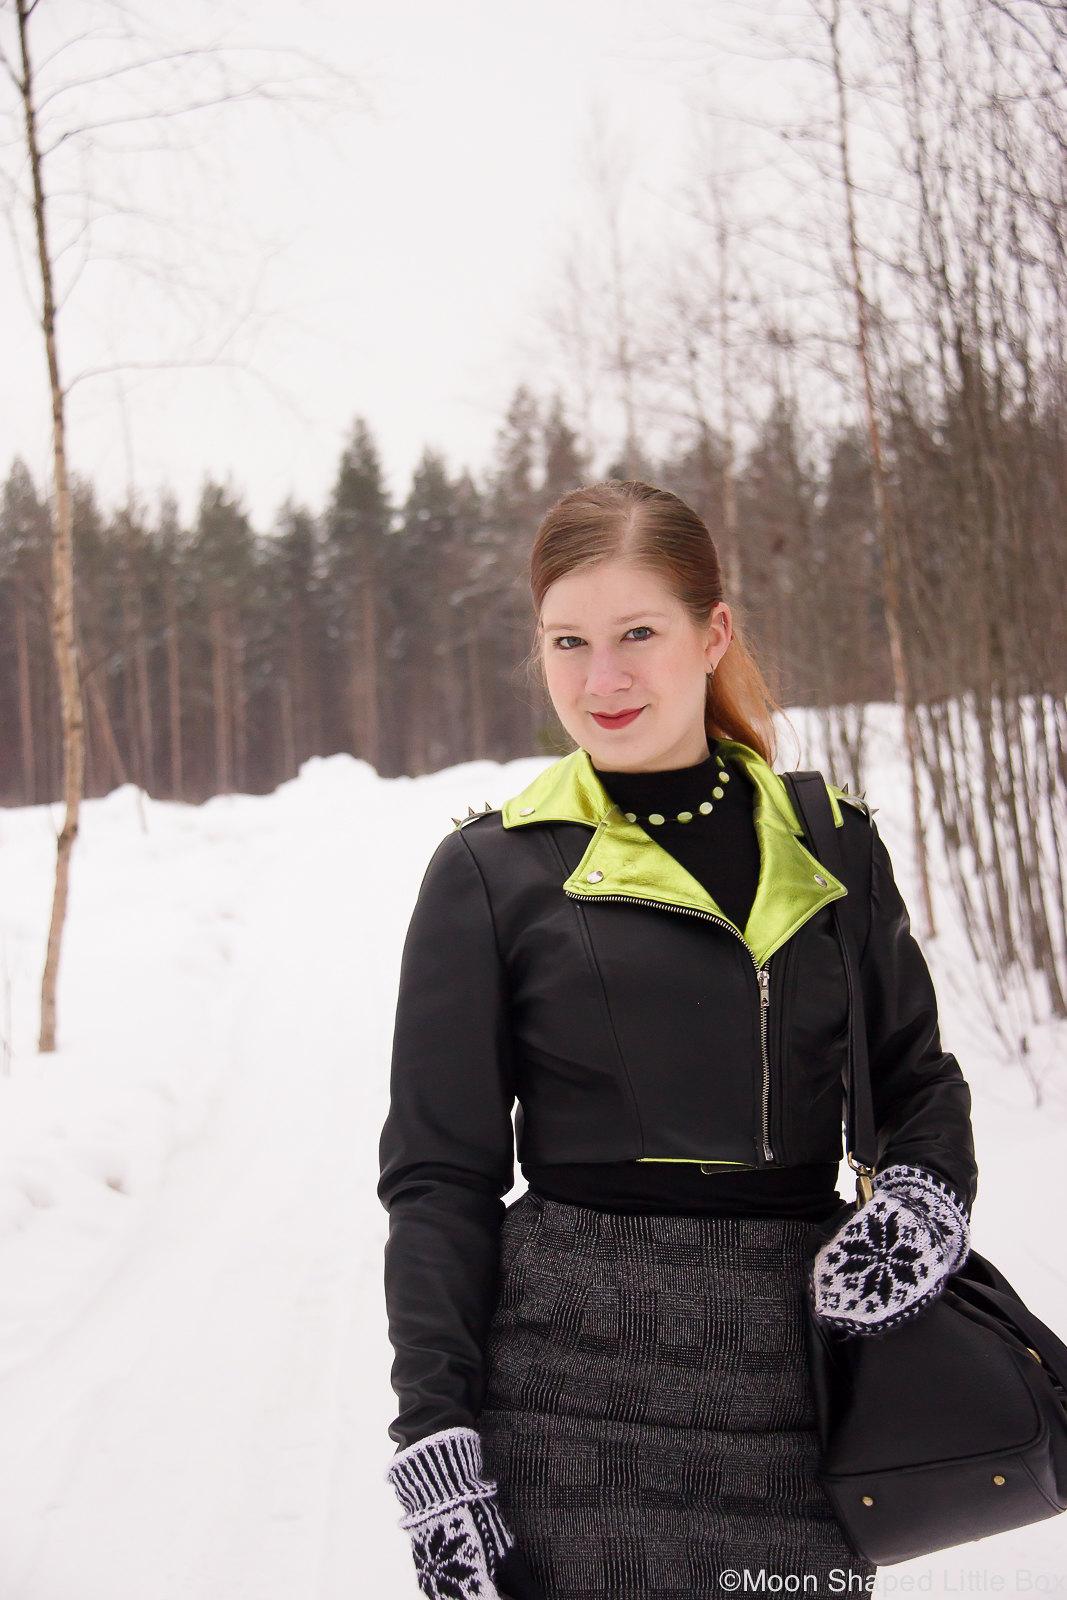 kotimainen nahkatakki, nahkatakki Suomesta, cropattu nahkatakki, tyylibloggaaja, ompelimo rokita, vaatteet